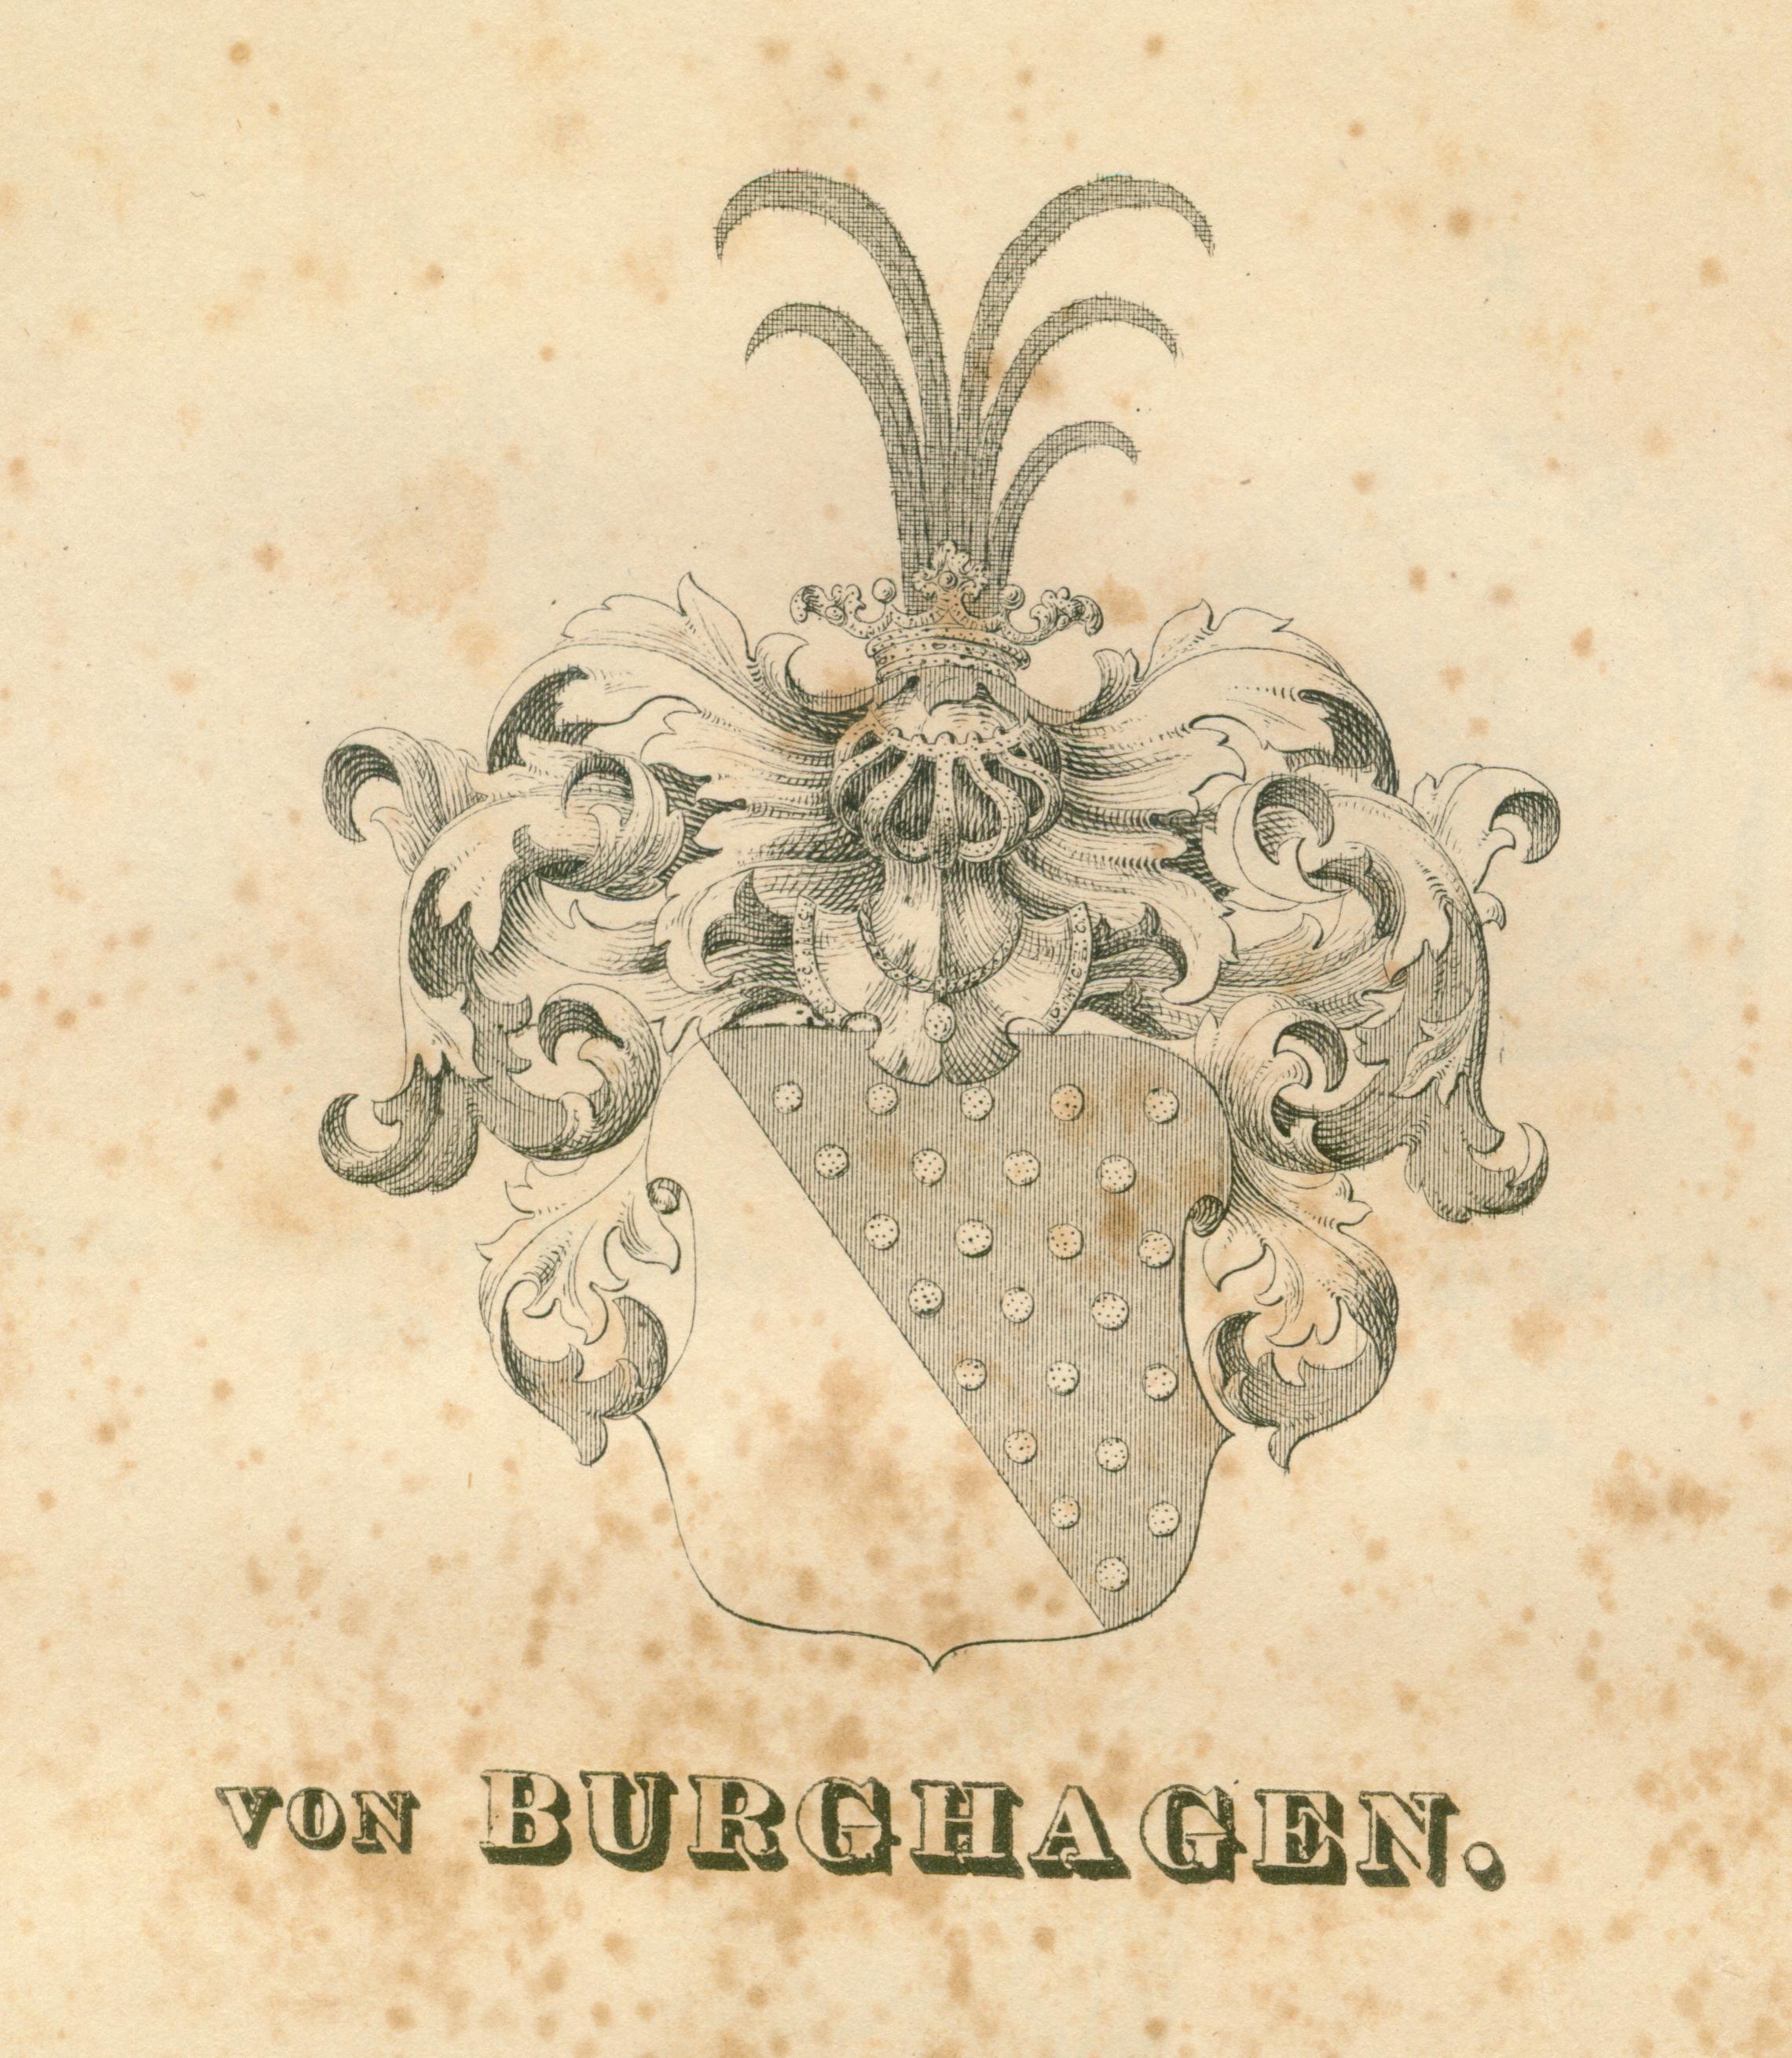 Burghagen